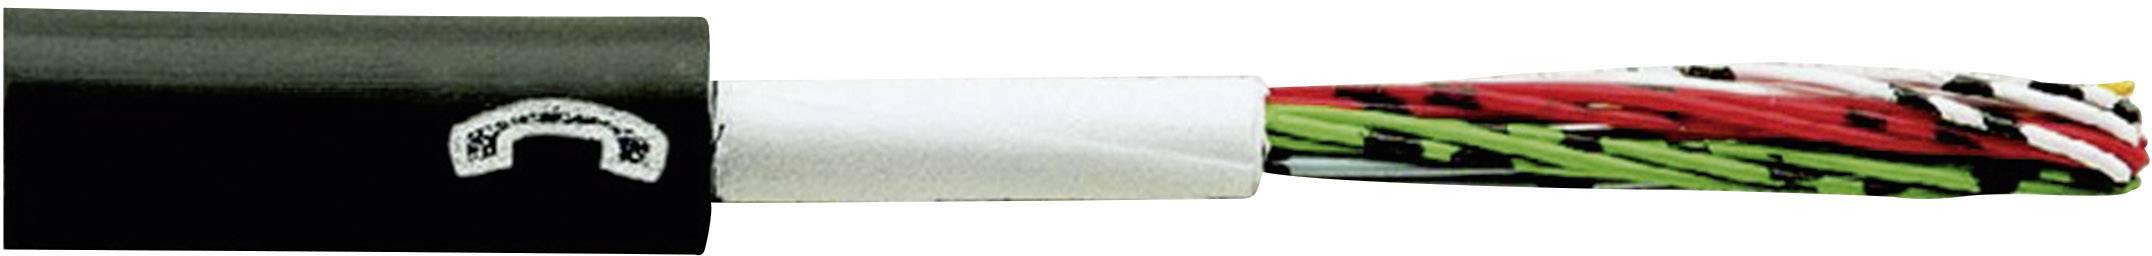 Telefonní kabel Faber Kabel A-2Y(L)2Y (110026), 6 x 2 x 0,8 mm, černá, 1 m